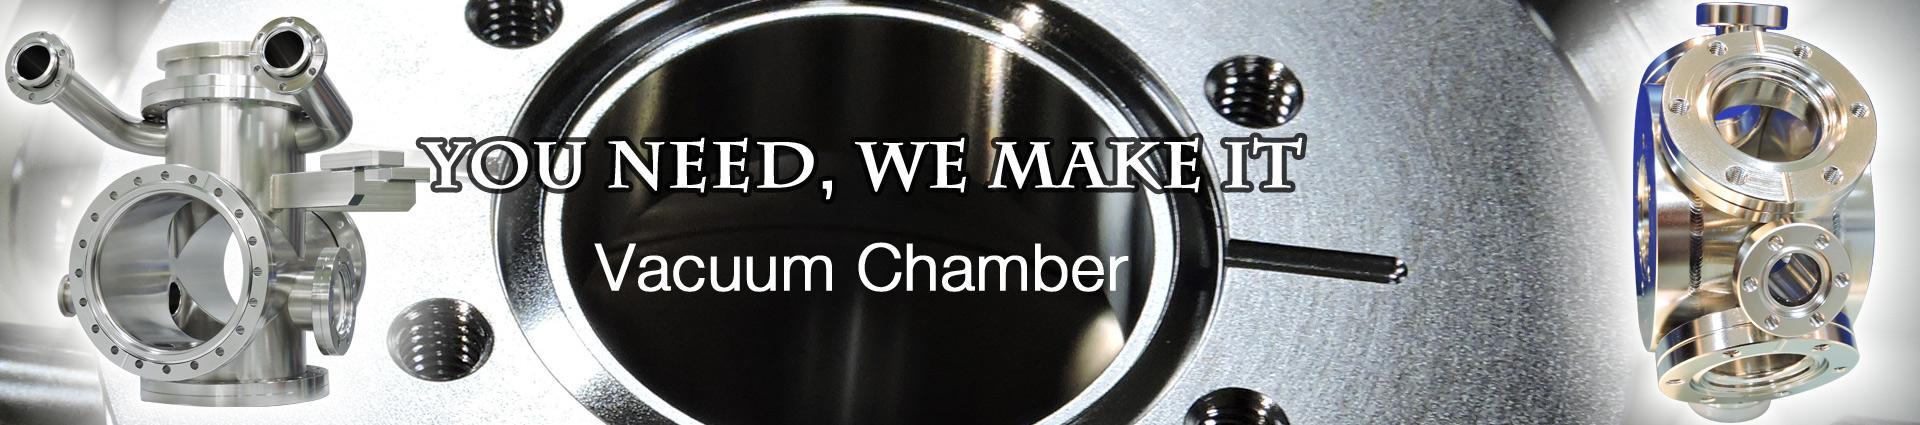 htcvacuum-vacuum-chambers.jpg